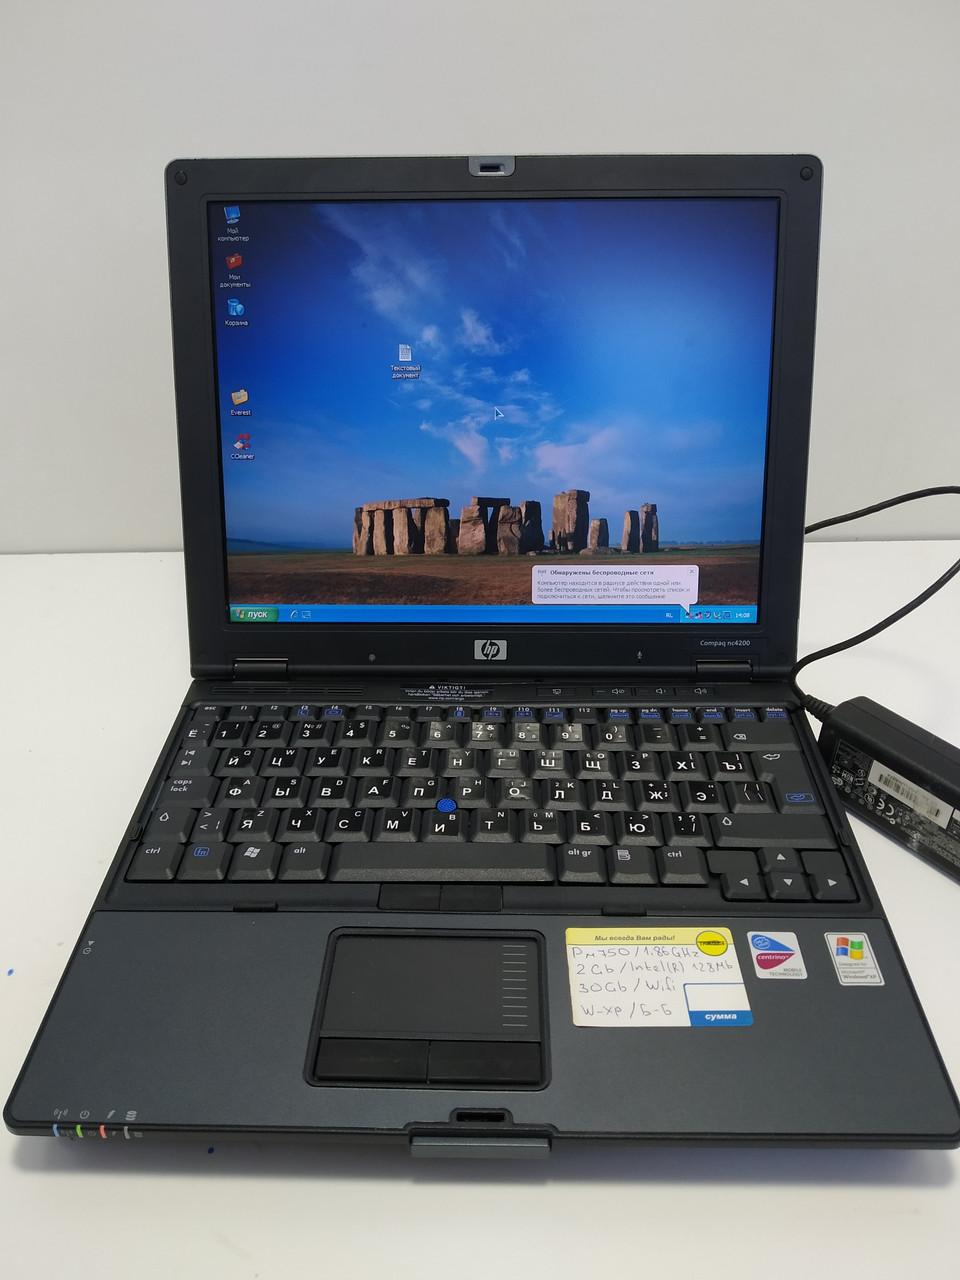 HP Compaq nc4200 2 ГБ ОЗУ Настроен и готов к работе!